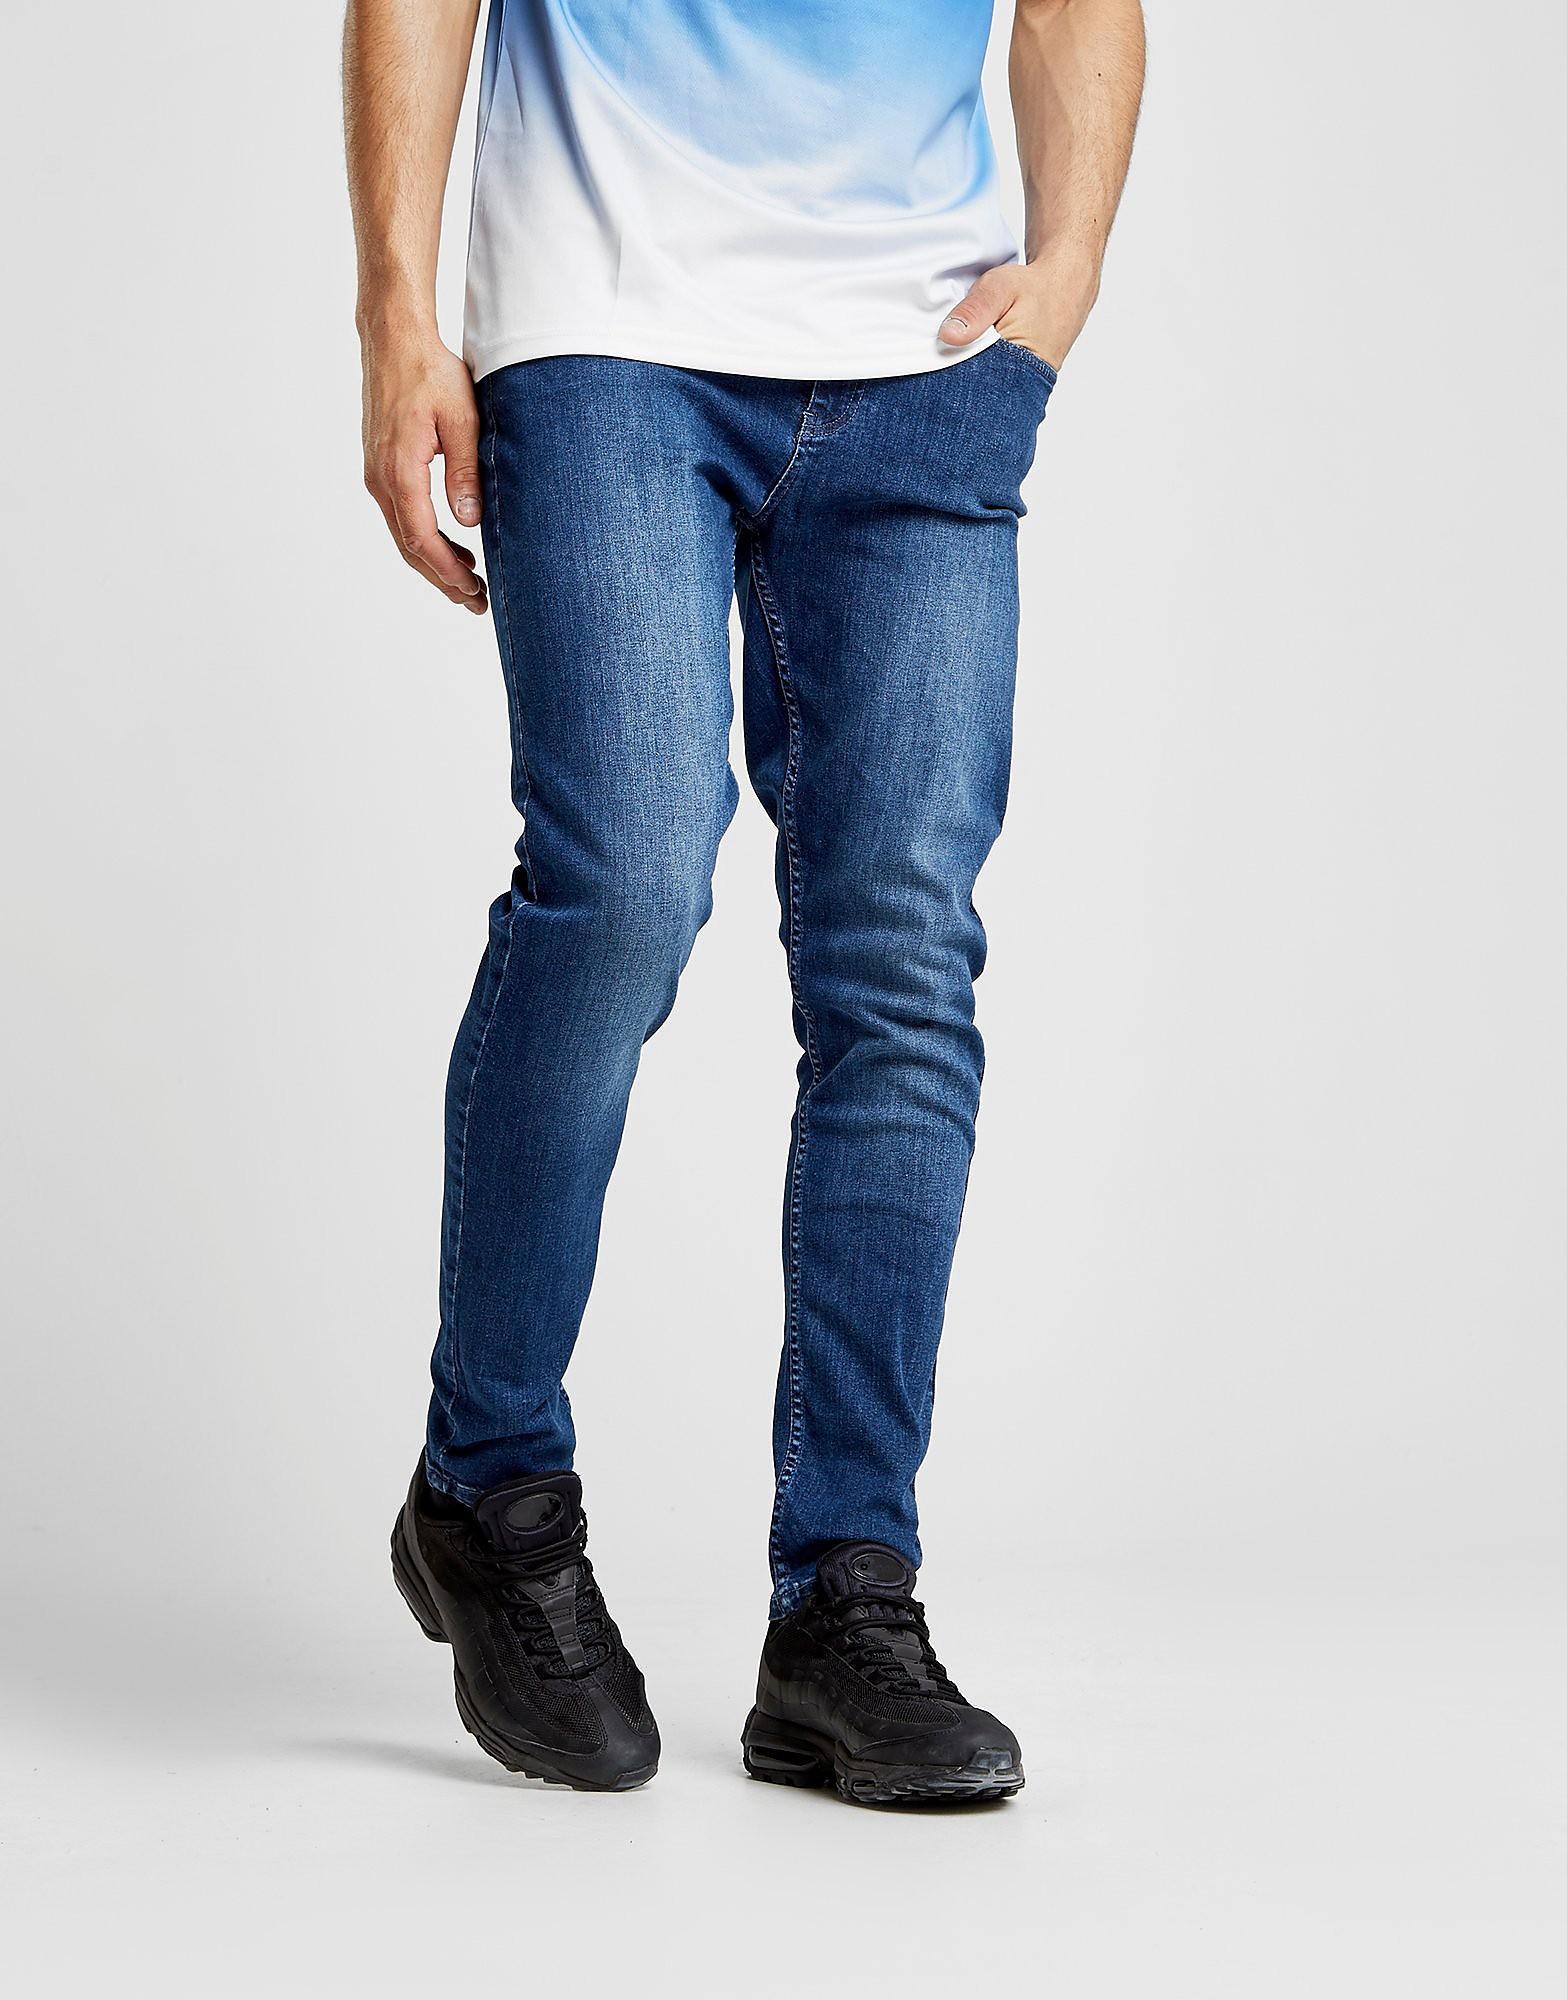 Supply & Demand Essential Slim Leg Jeans Heren - Indigo - Heren